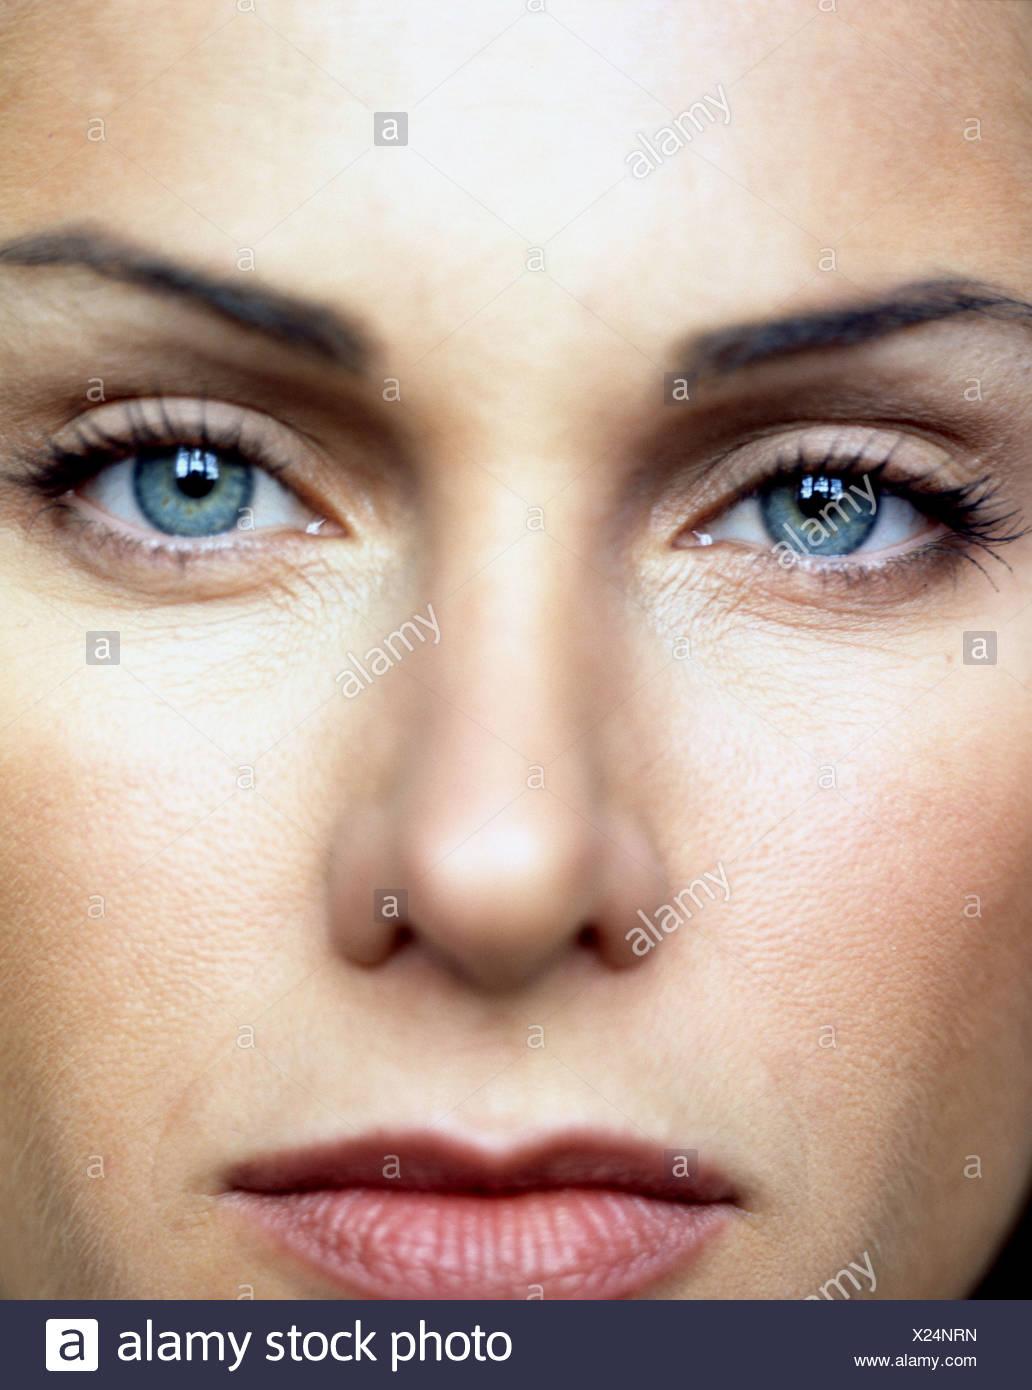 Nahaufnahme von Frauengesicht, detaillierte Augen tragen Beige Lidschatten, braune Lidstrich Oberlider, schwarze Mascara und Naturrot Stockbild